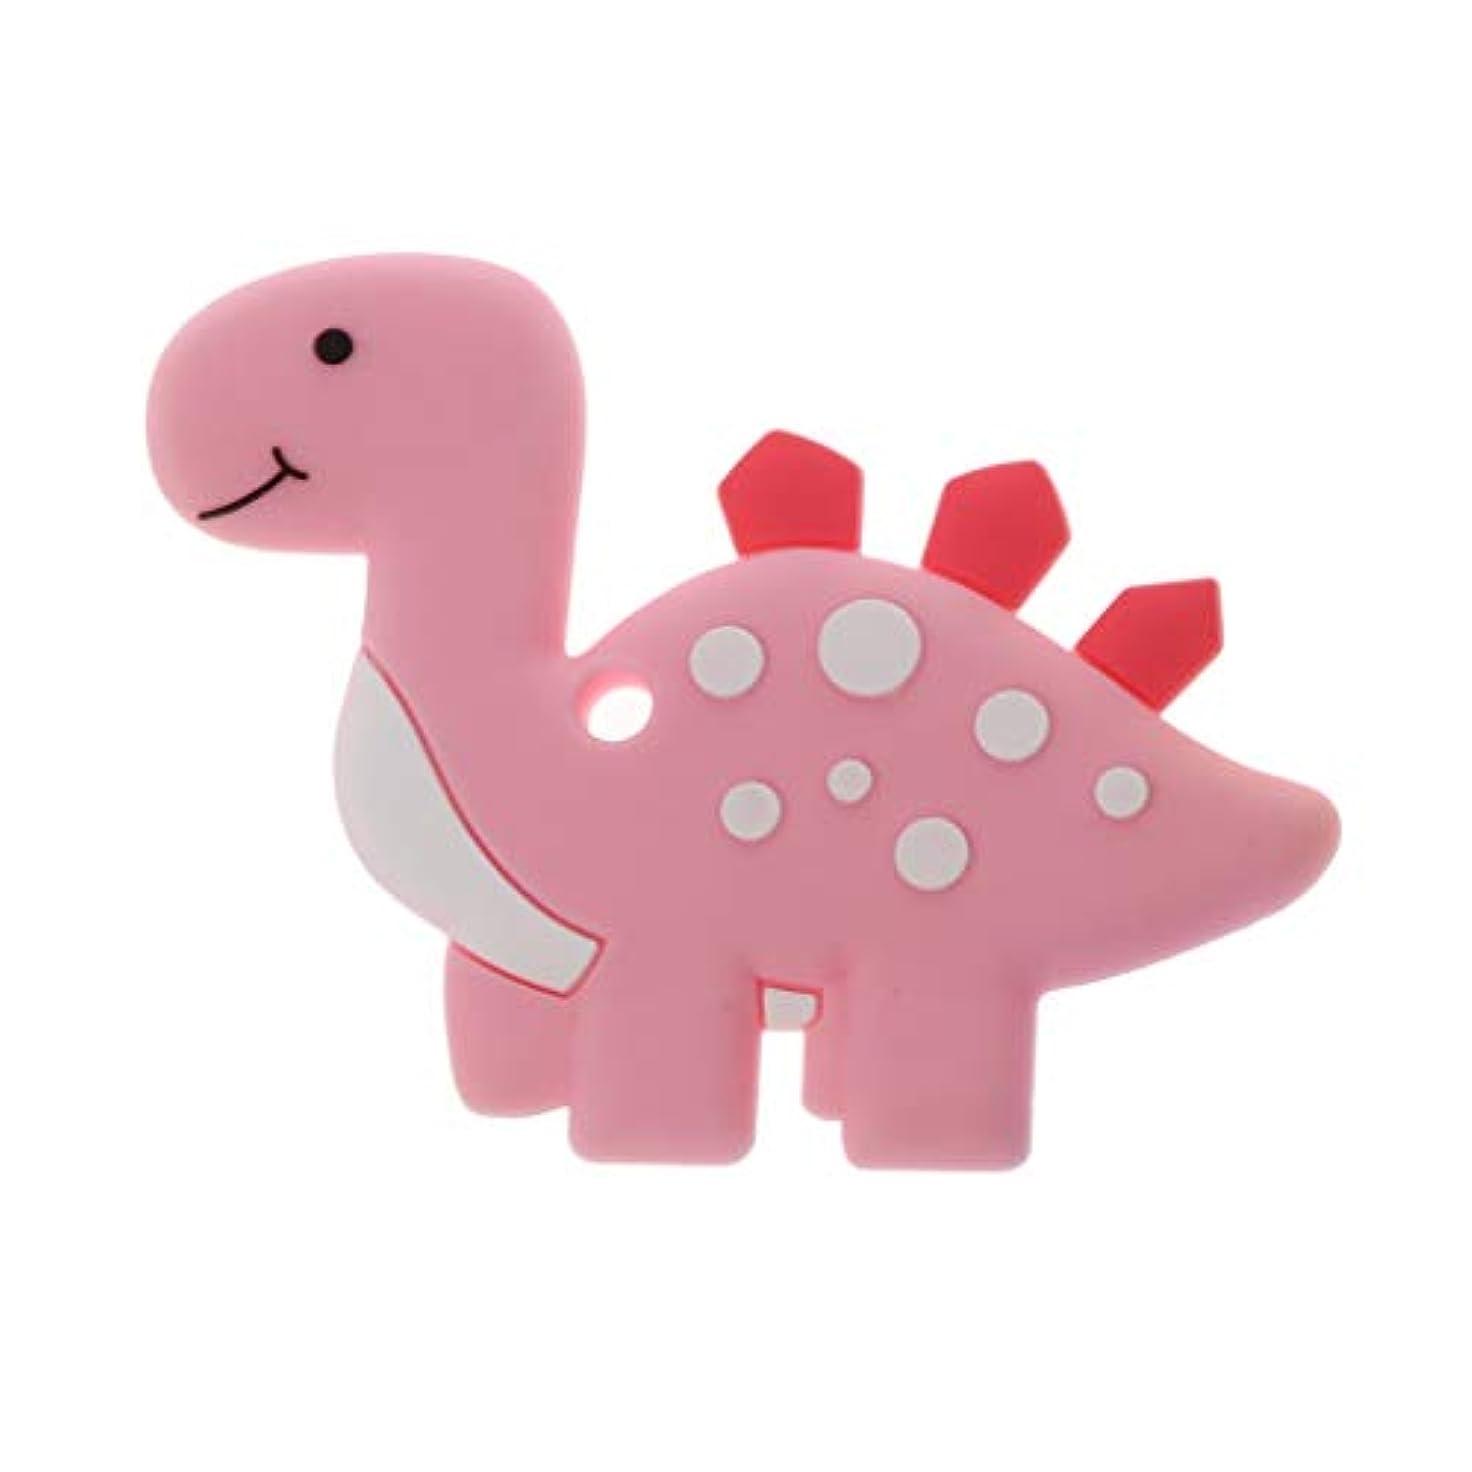 下着ゲスト地球Landdumシリコーンおしゃぶり恐竜おしゃべり赤ちゃん看護玩具かむ玩具歯が生えるガラガラおもちゃ - ロイヤルブルー